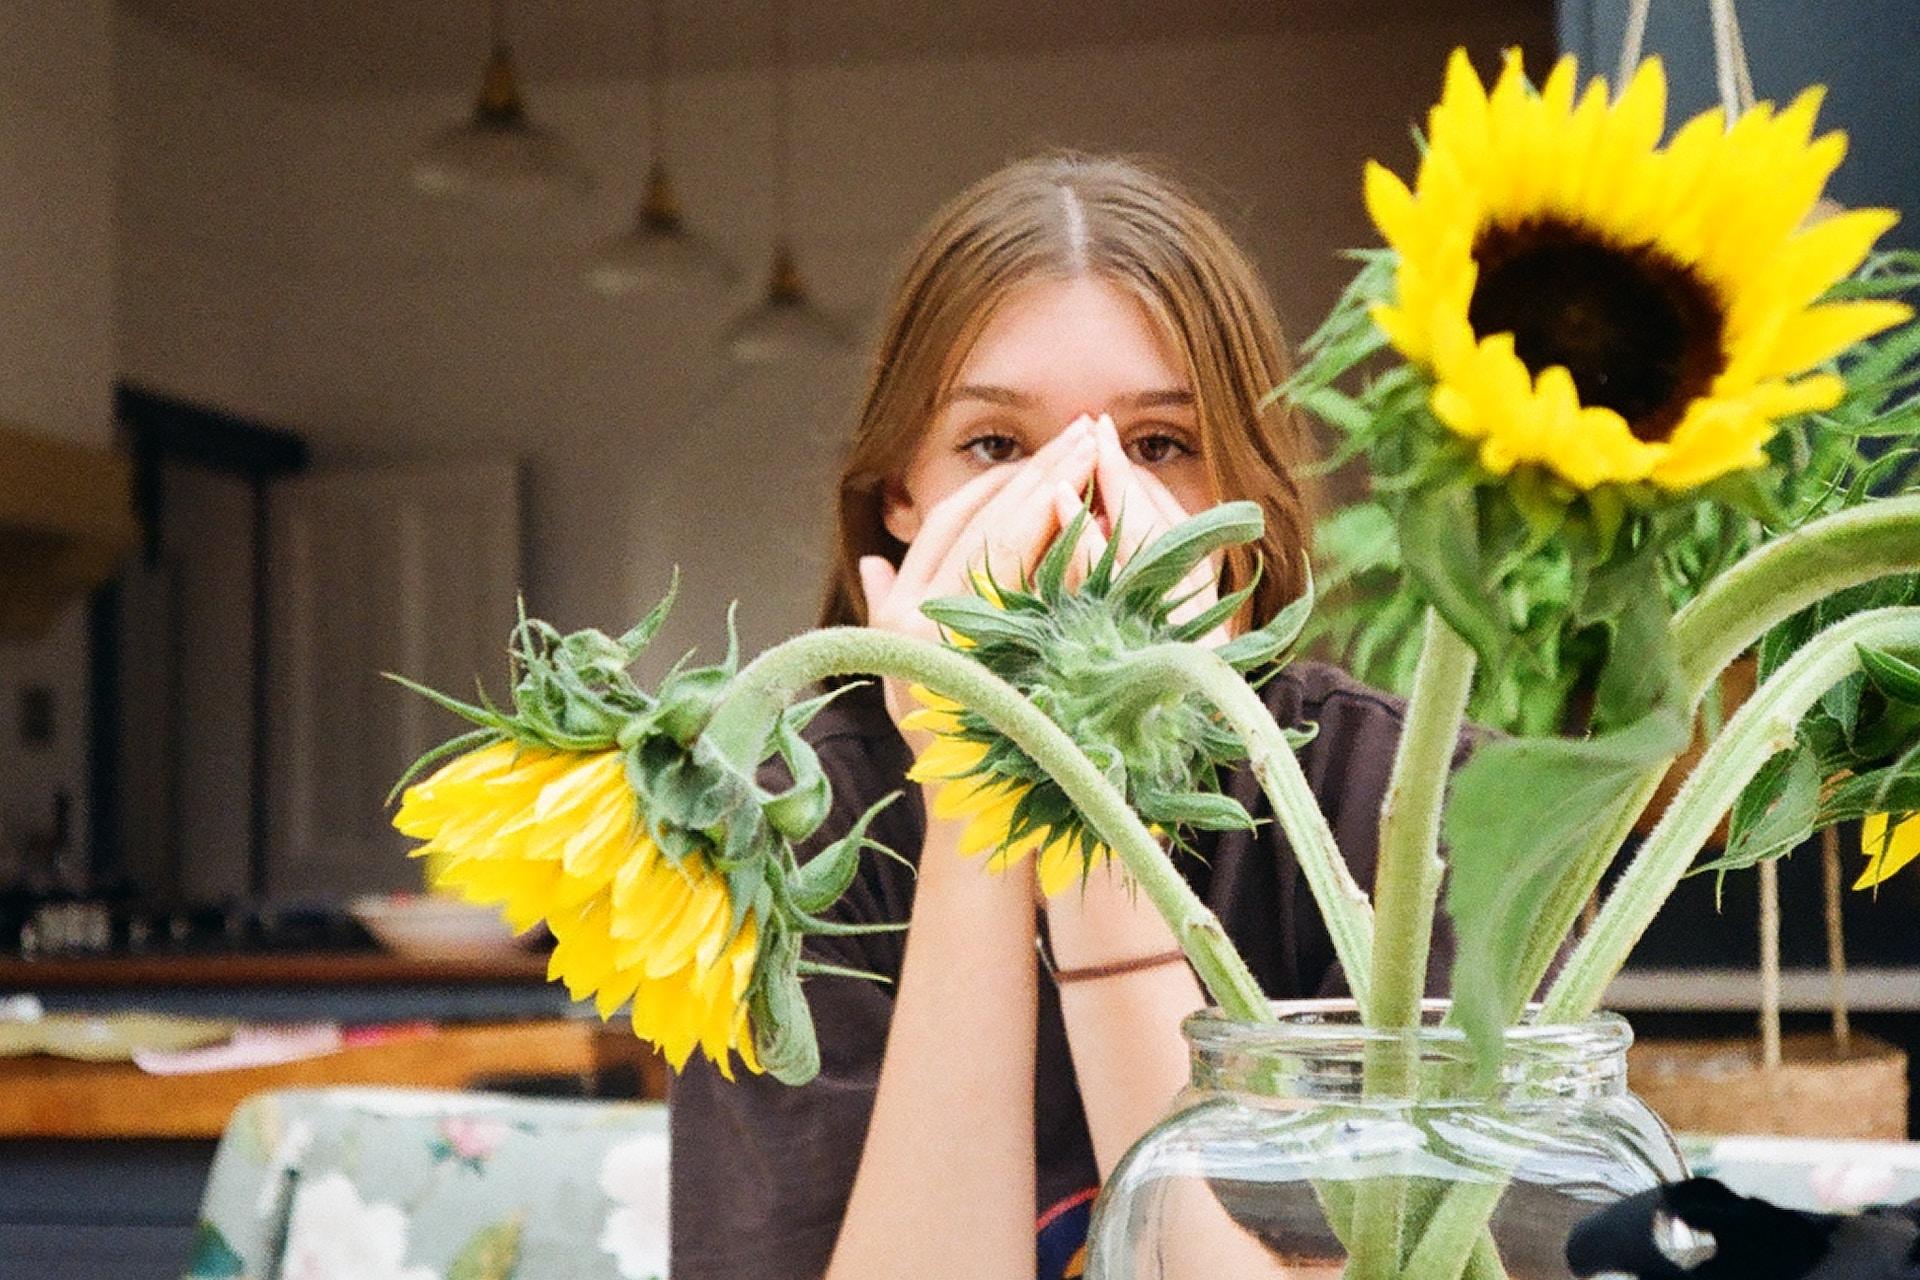 yellow sunflowers beside girl